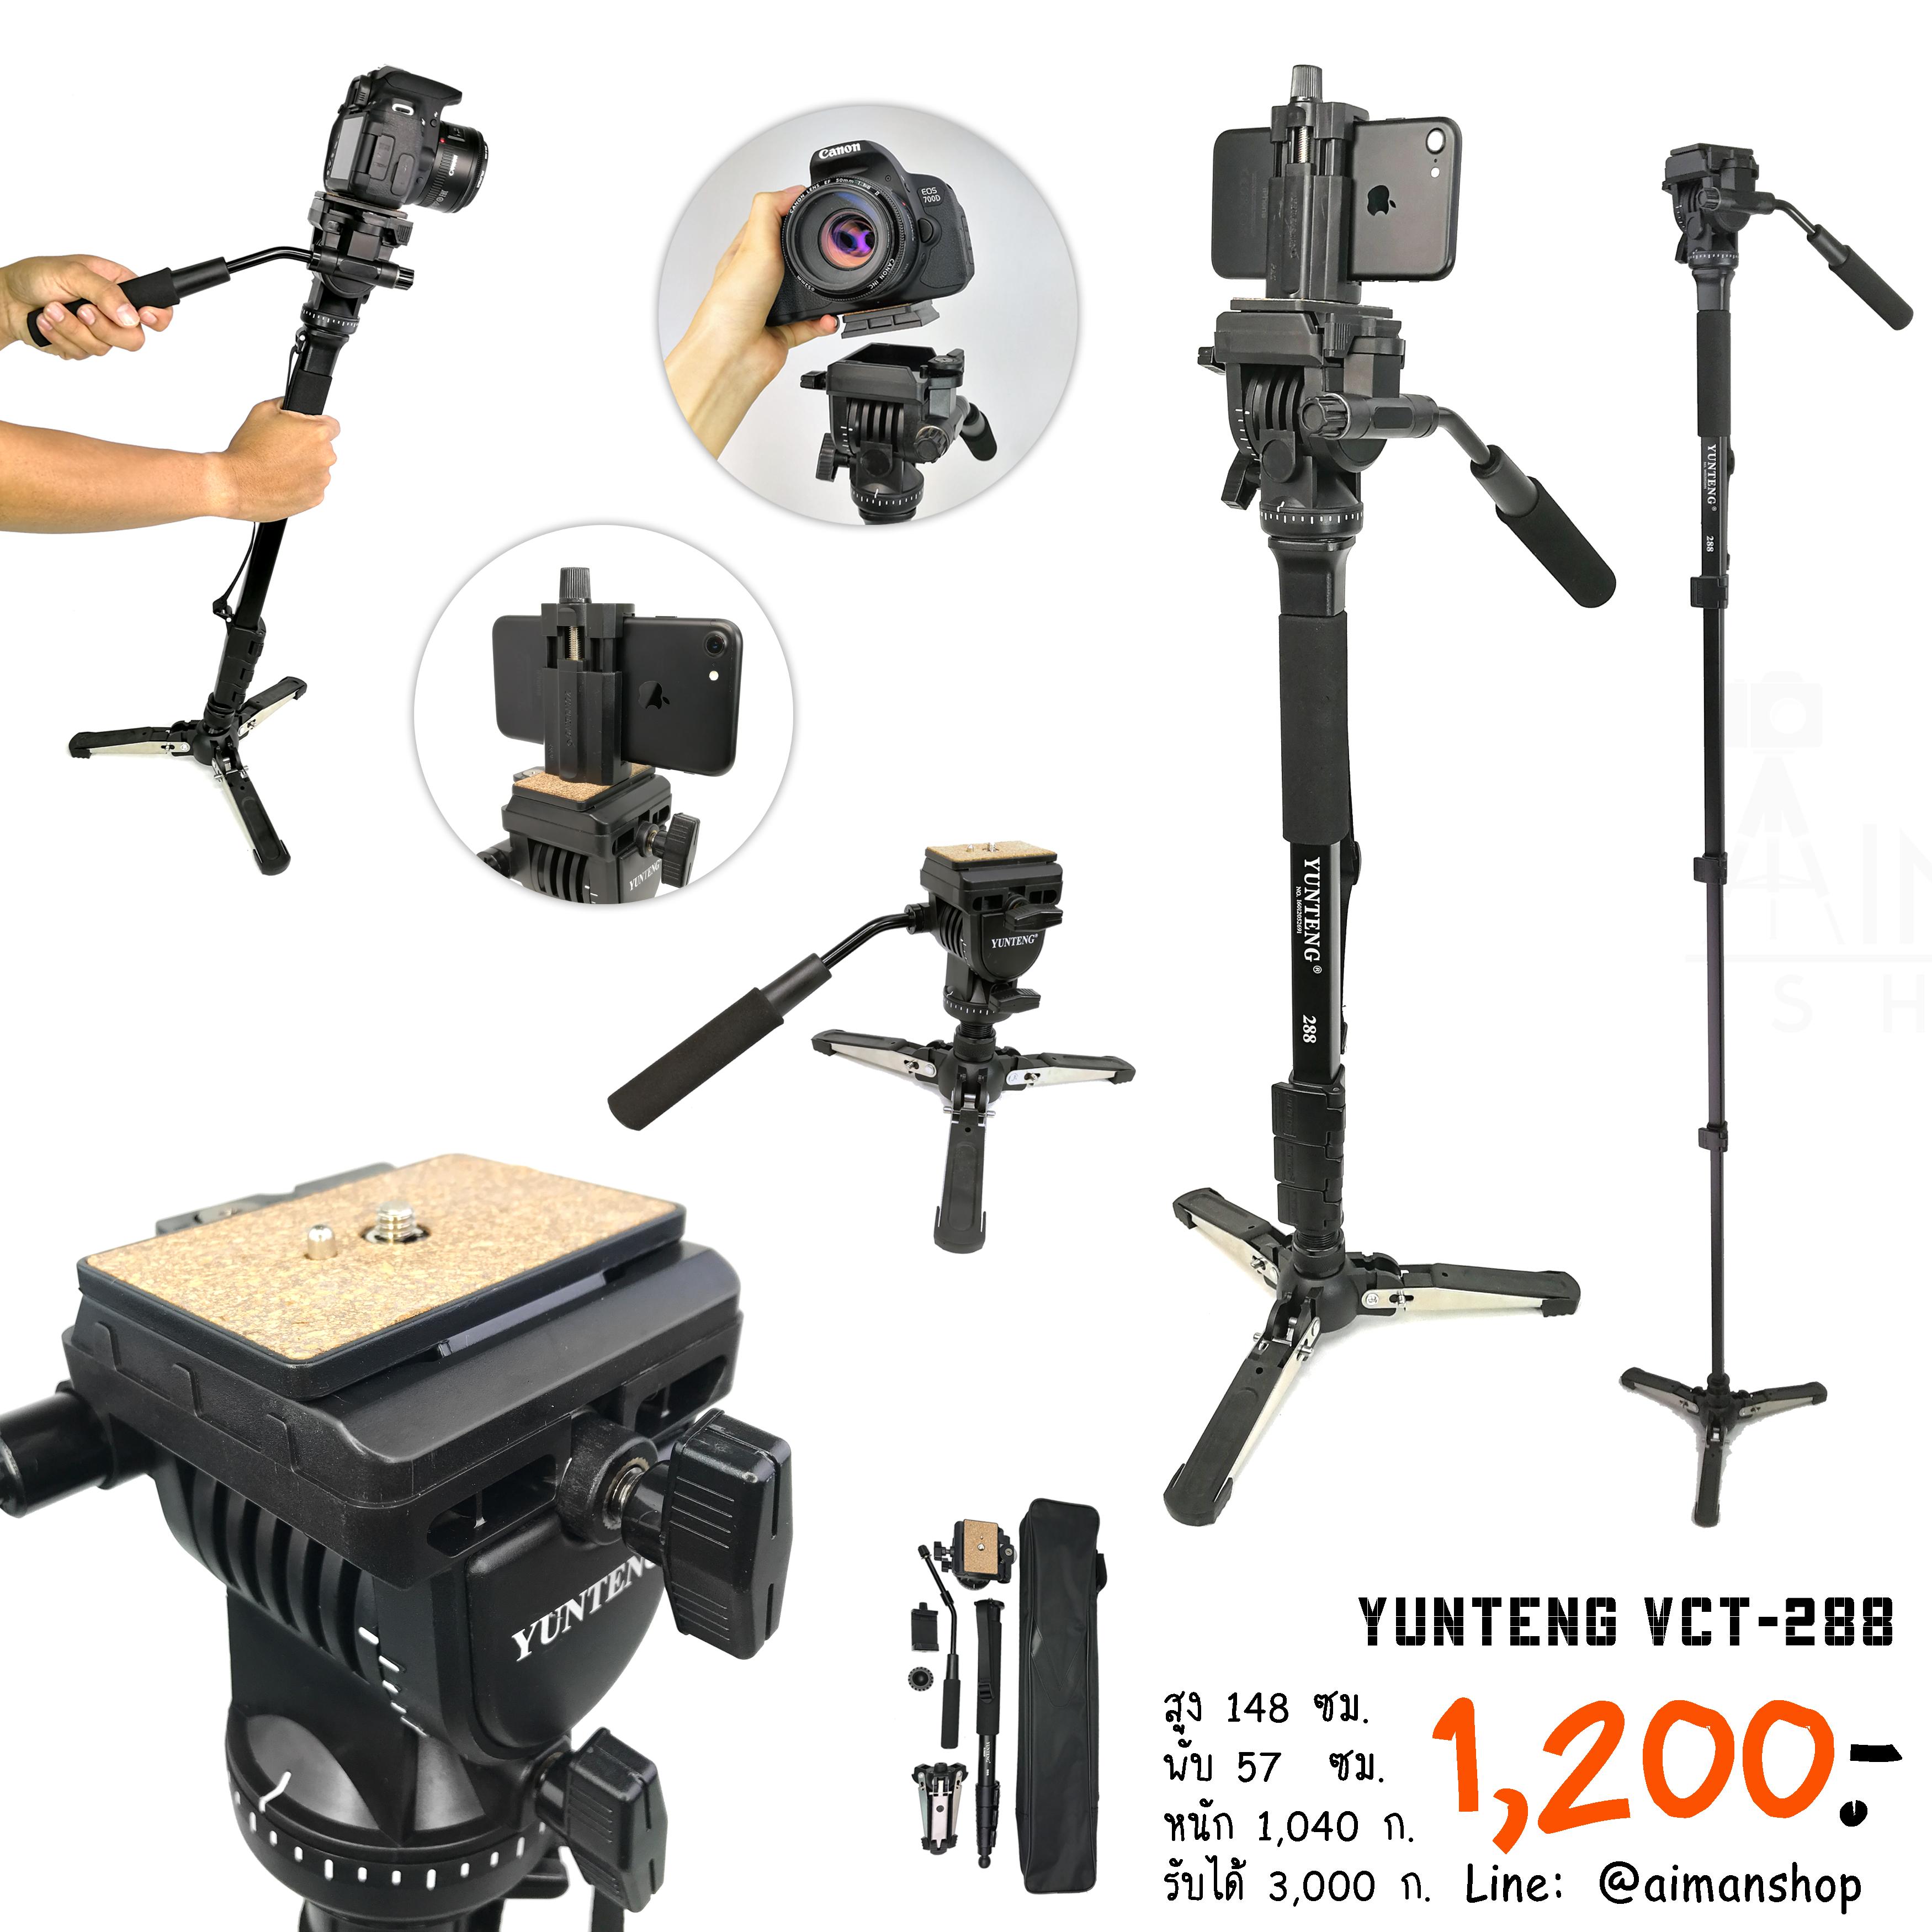 ขาตั้งกล้อง Yunteng รุ่น VCT-288